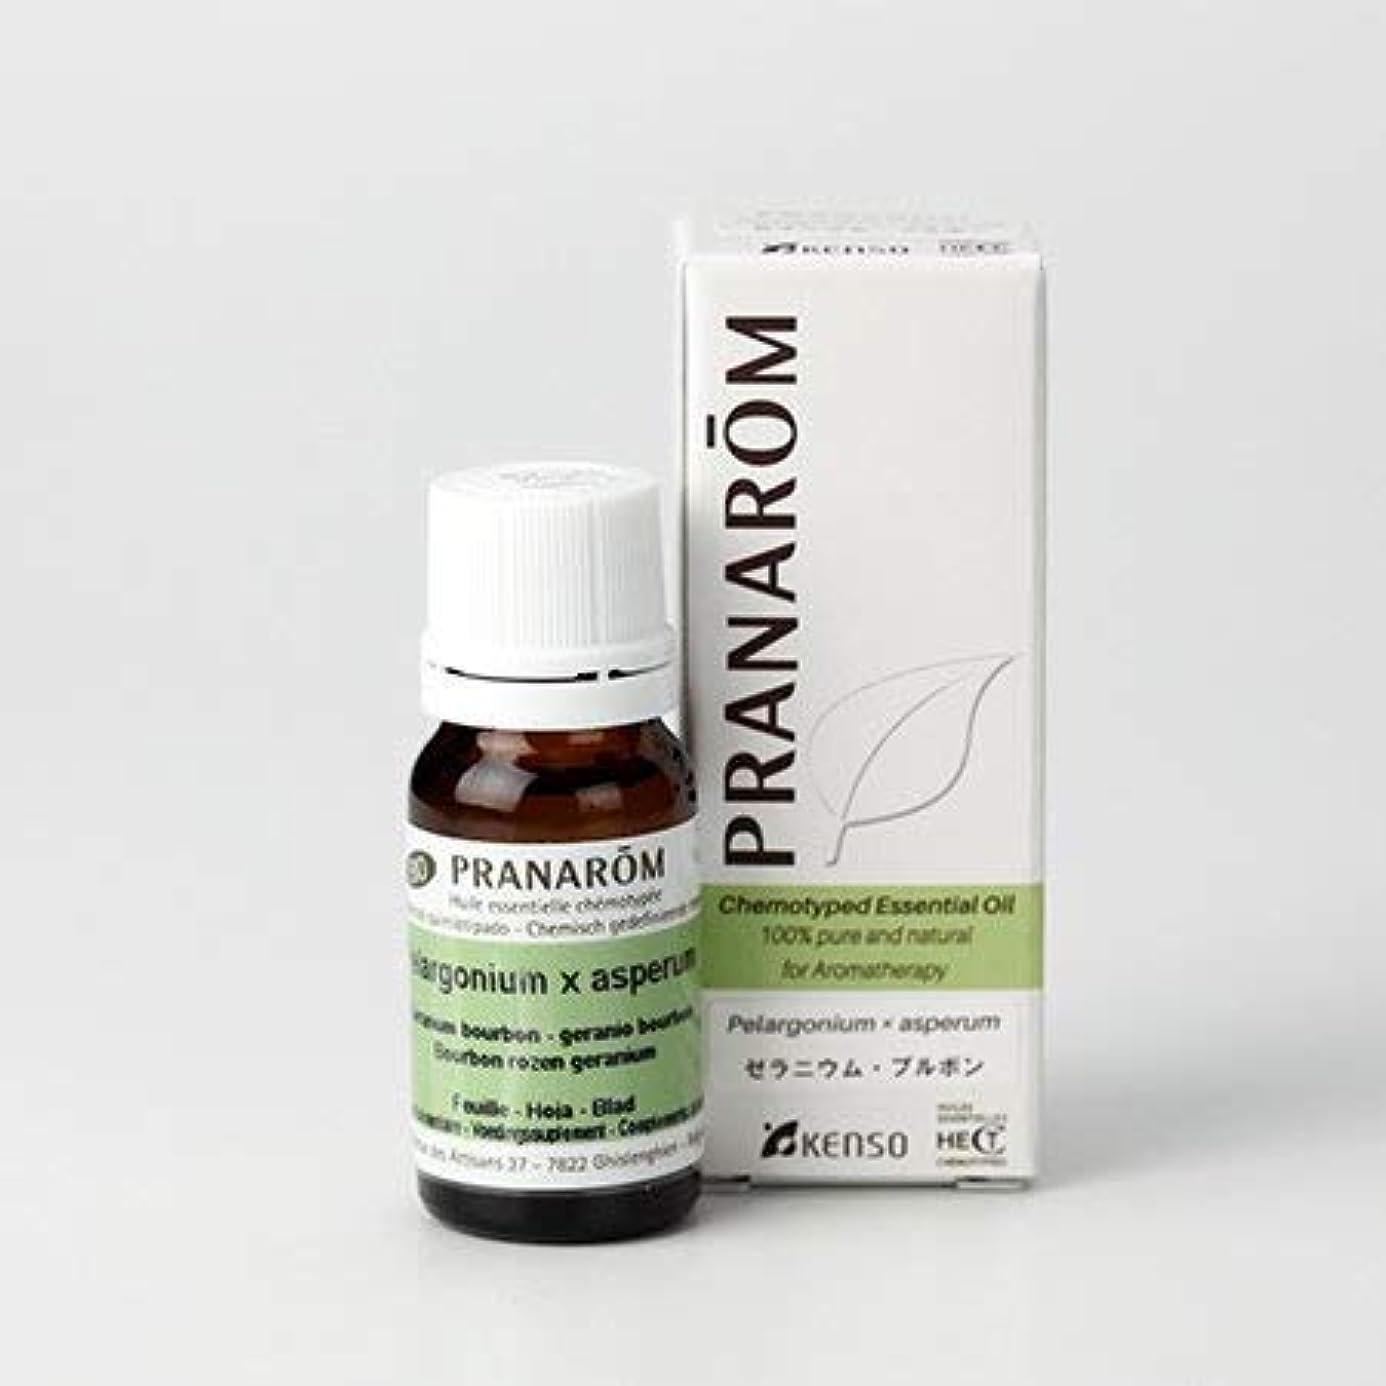 主人マークダウン癒すプラナロム ( PRANAROM ) 精油 ゼラニウム?ブルボン 10ml p-139 ゼラニウムブルボン